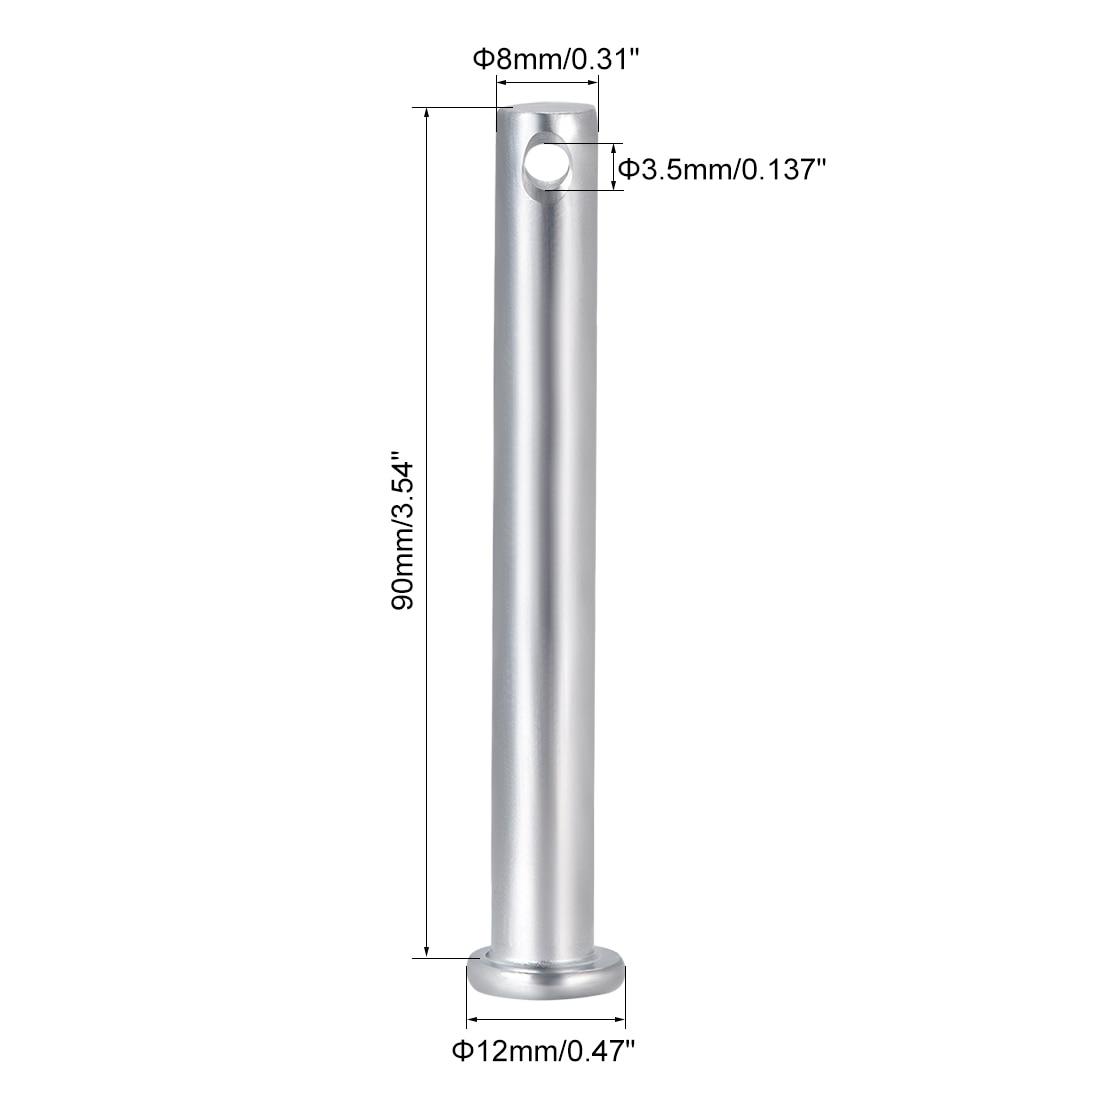 uxcell Single Hole Clevis Pins,10mm x 30mm Flat Head Zinc-Plating Steel 10 Pcs